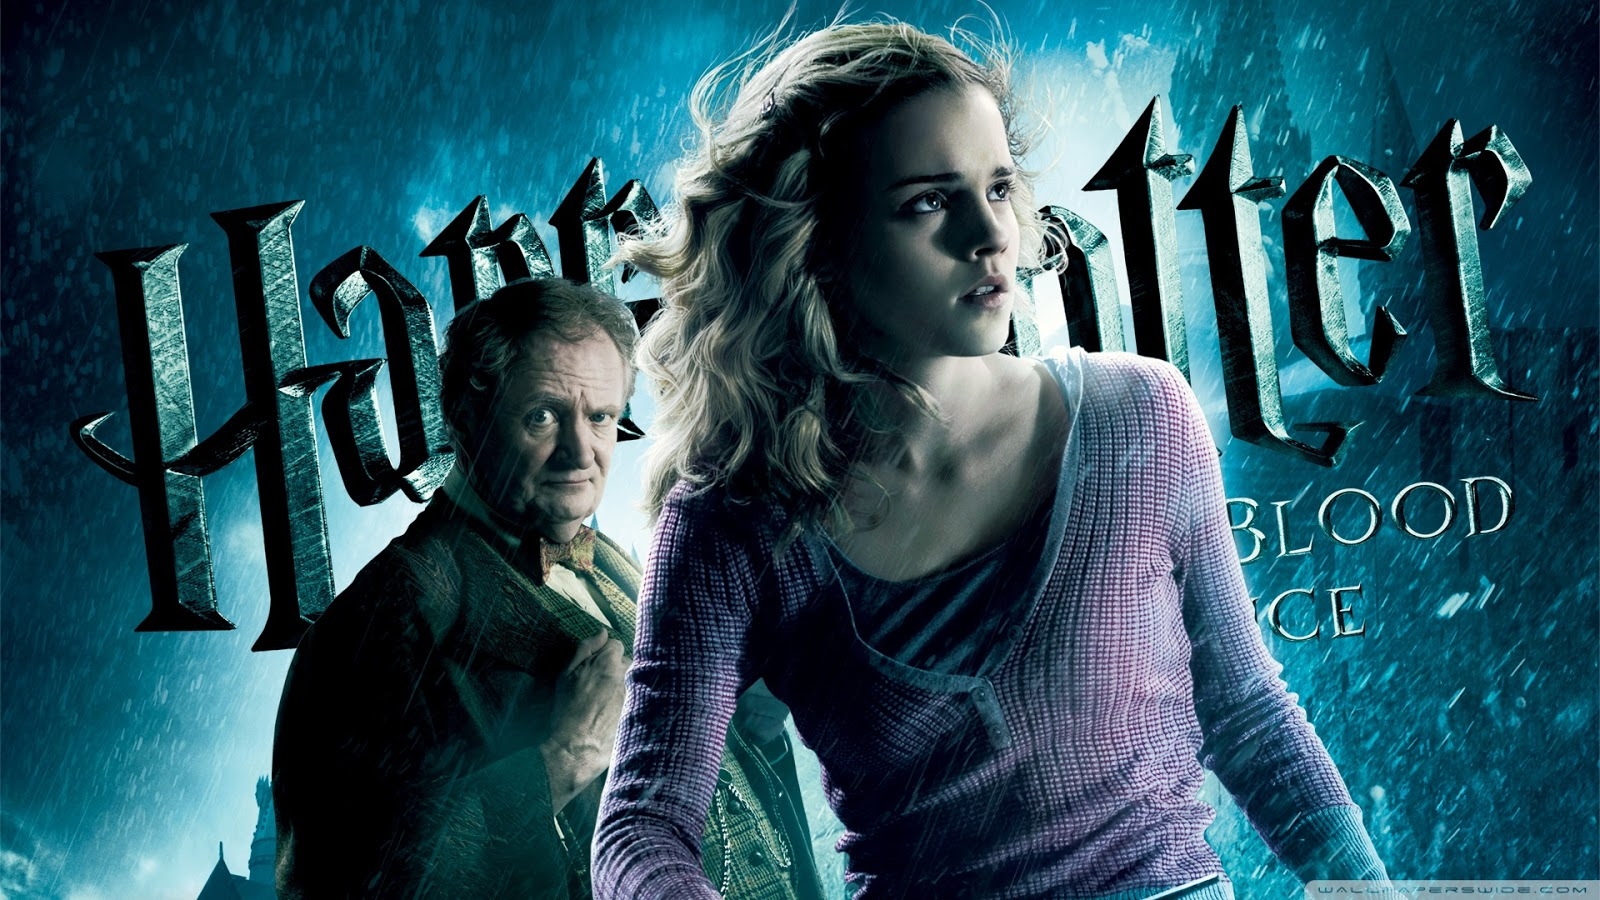 Emma Watson in Harry Potter Half Blood Prince Wallpaper